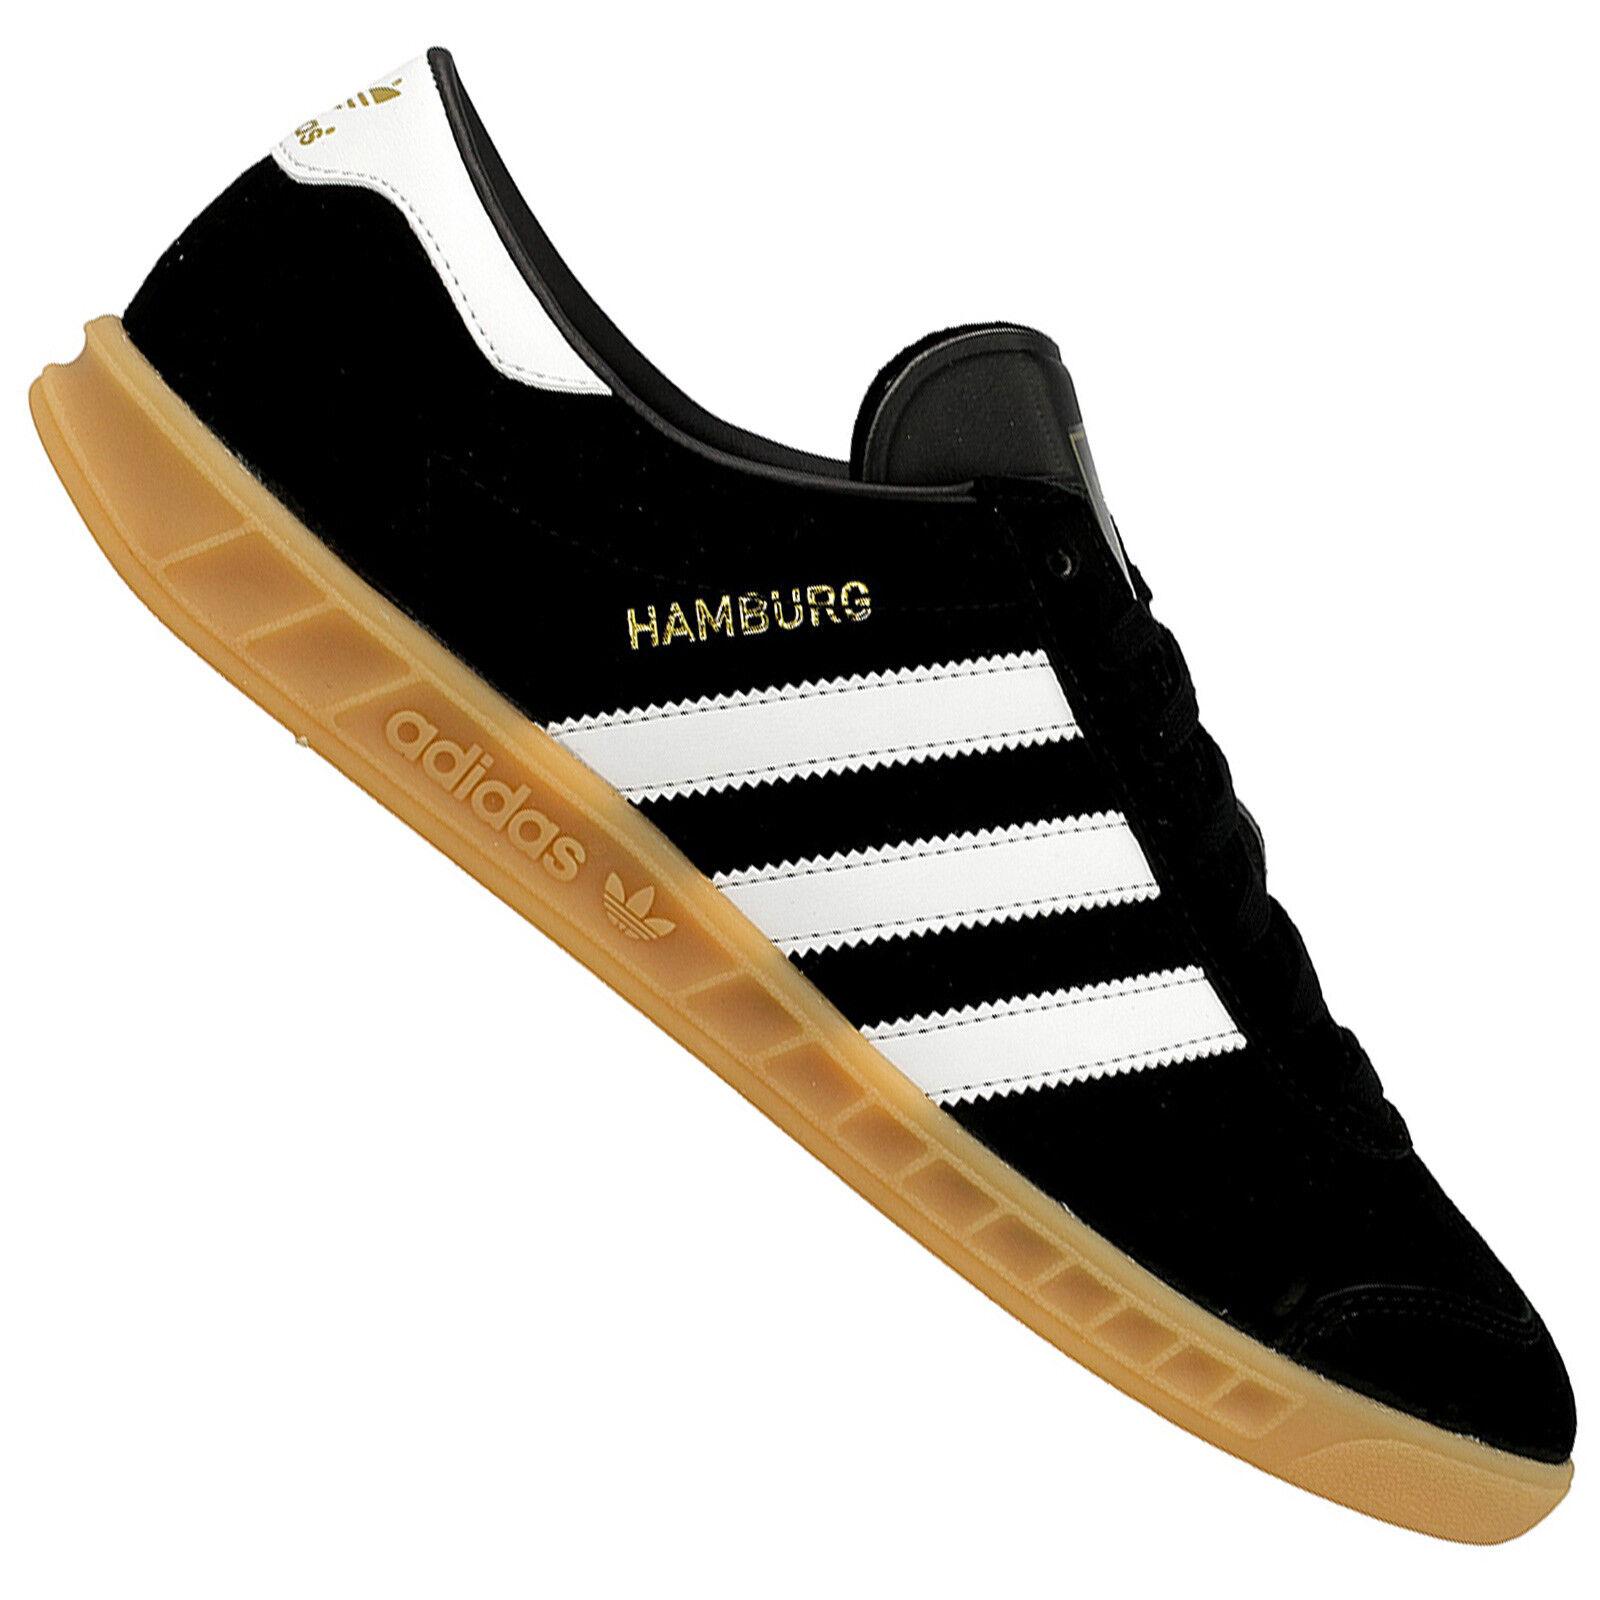 Adidas Originals Hamburg Herren Damen Turnschuhe Leder Turnschuhe Schwarz Weiß